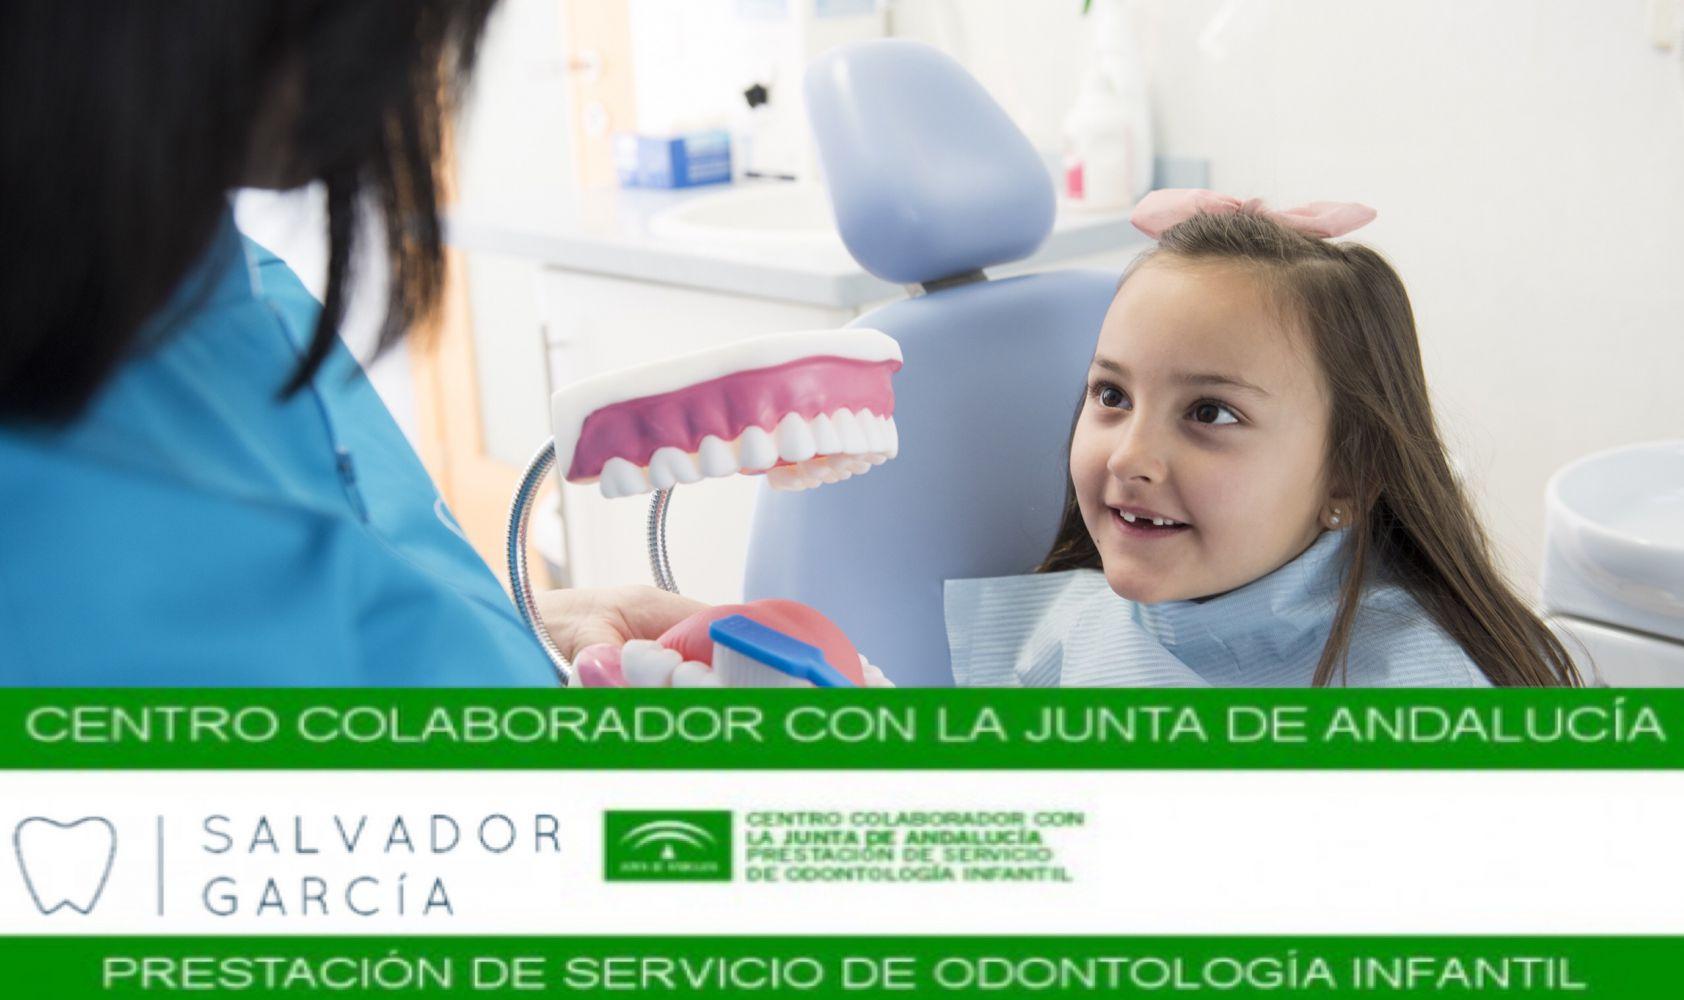 Asistencia dental gratuita a niños entre 6 y 15 años – PADI: Plan de atención dental infantil de la Junta de Andalucía